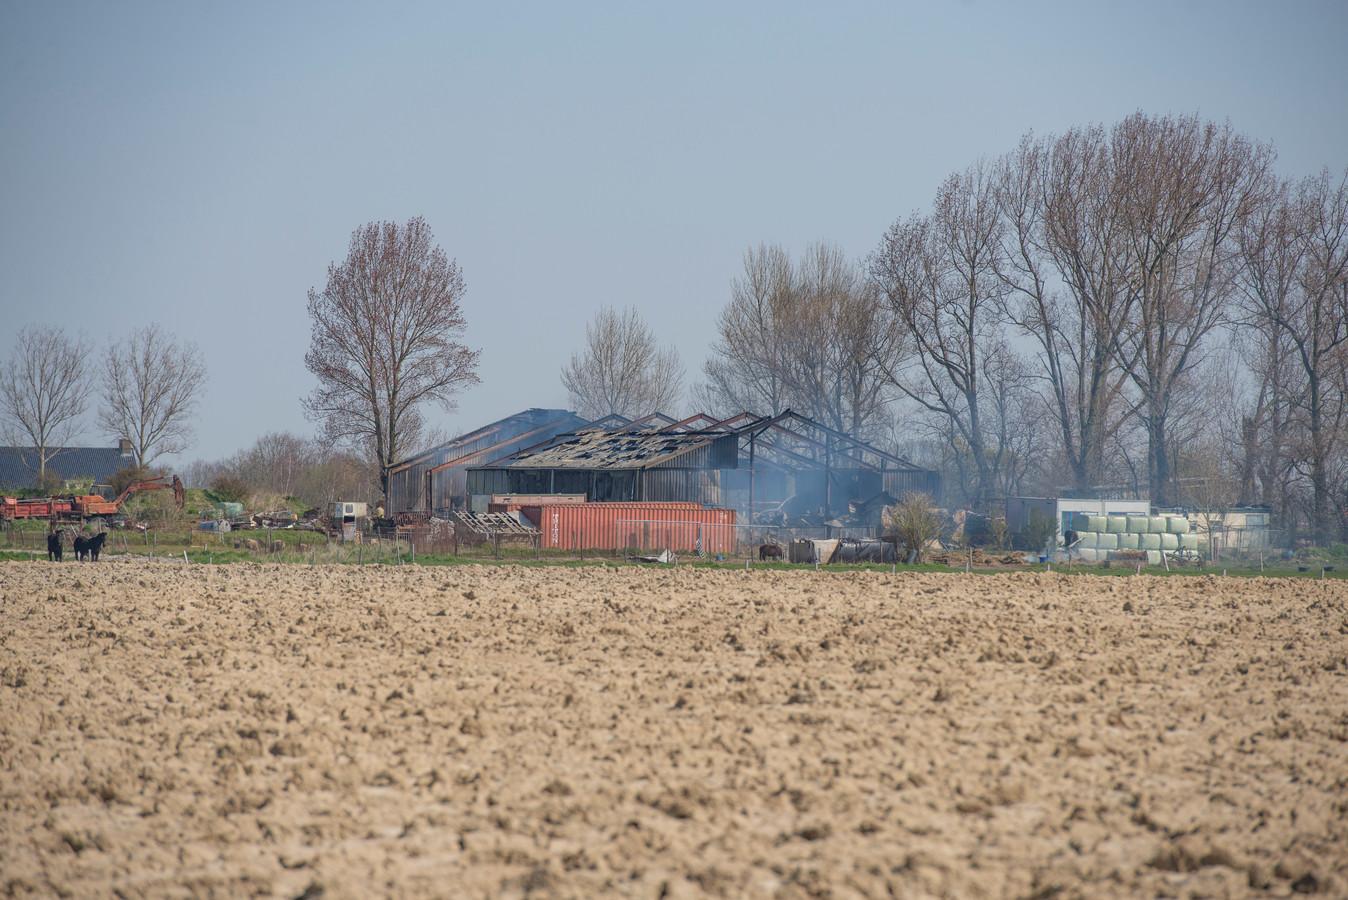 De zware drugscriminaliteit ligt niet stil door corona. In Poortvliet werd vorige week een XTC-lab gevonden in een afgebrande loods aan de Bram Groenewegenweg.